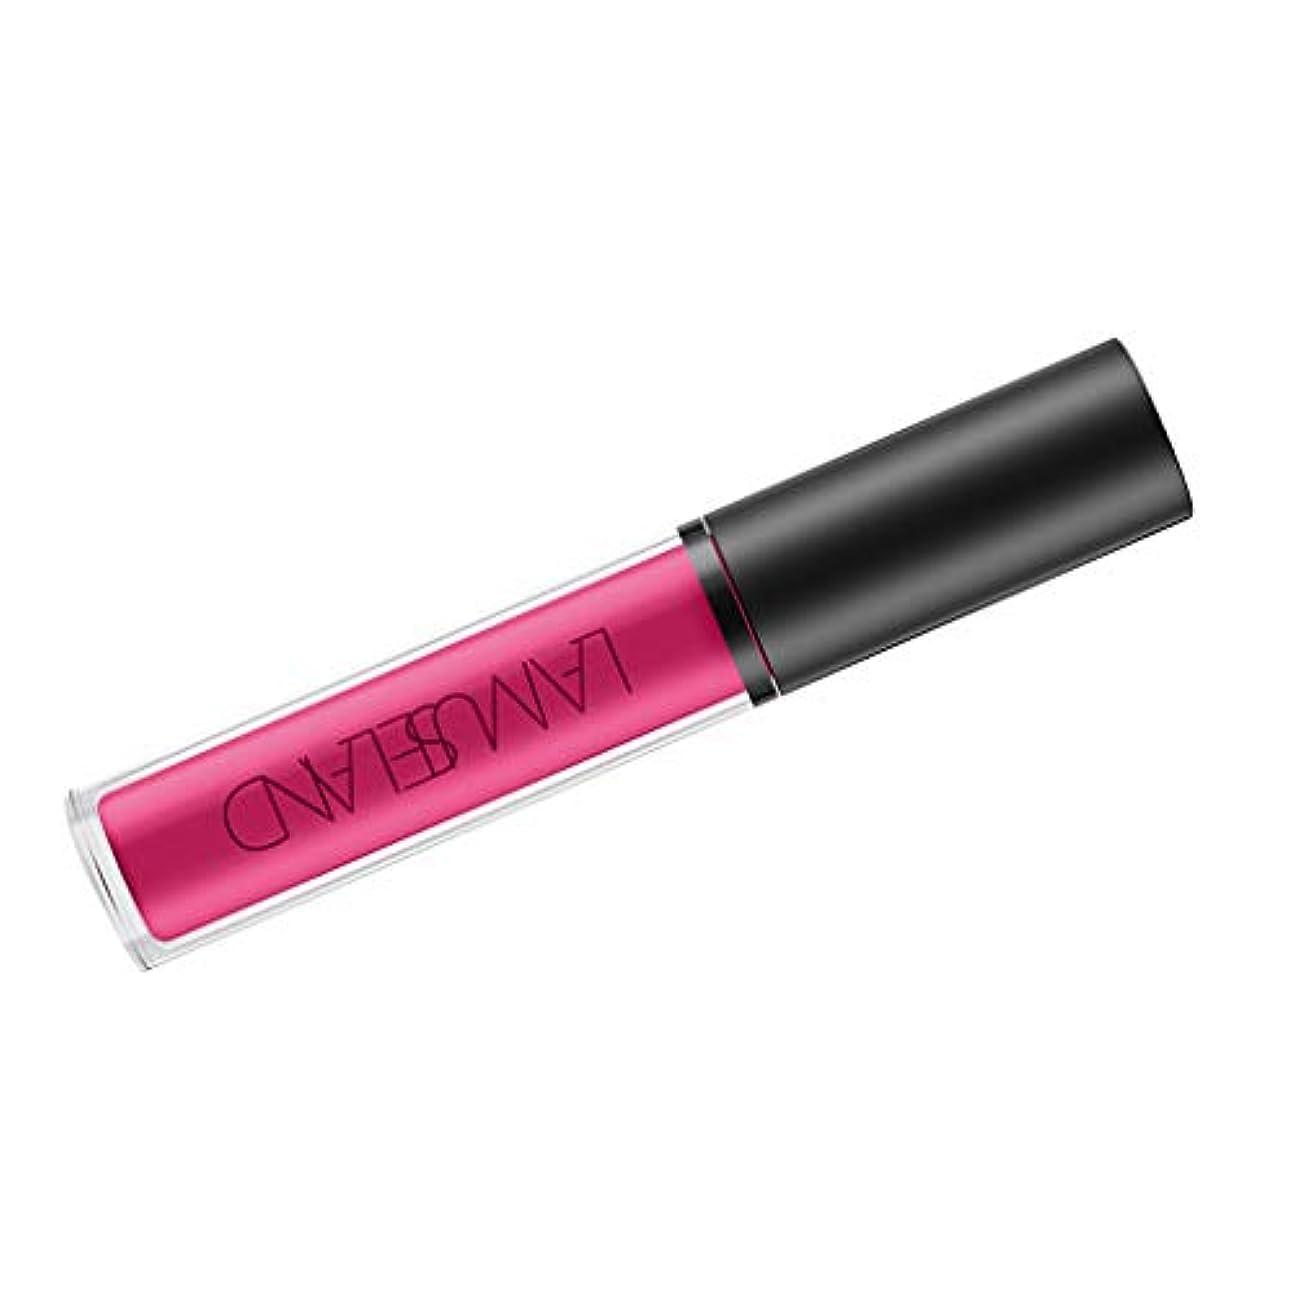 装置クリスチャンルーチンSM SunniMix リップグロス リップスティック 口紅 長持ち落ちにくい 防水 液体口紅 全7カラー - LA01-06